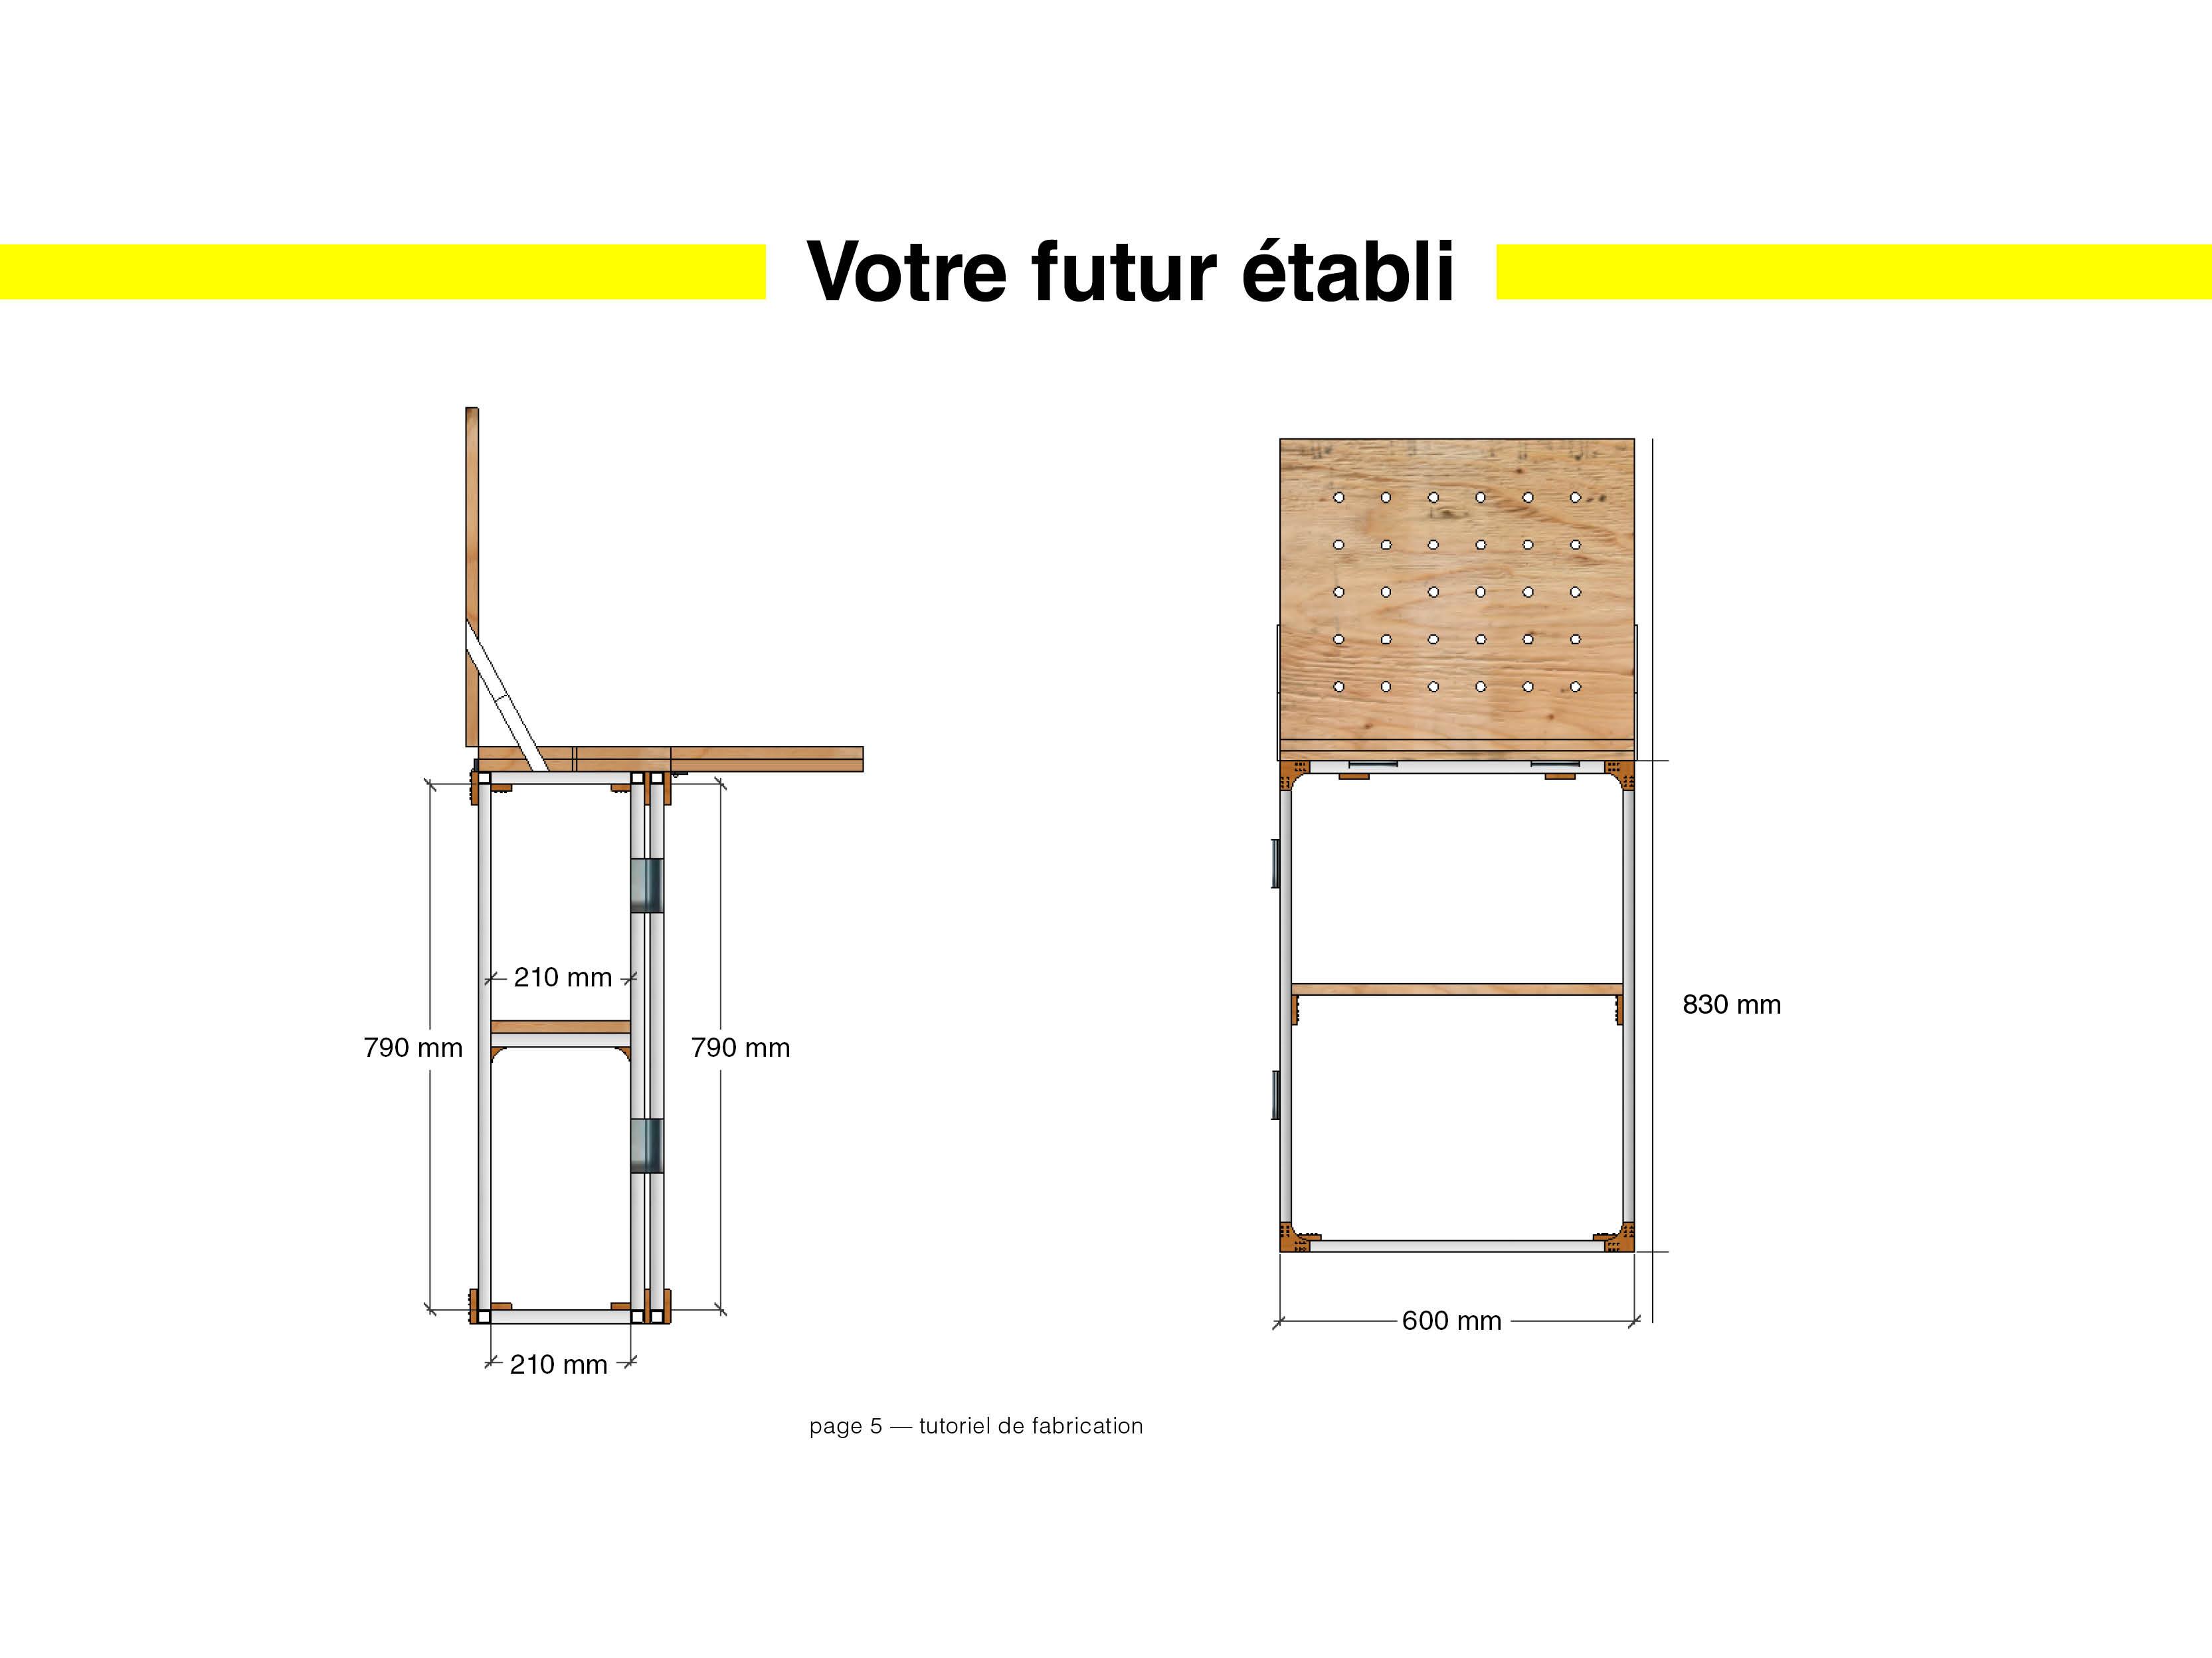 Fabrique ton établi CASTORAMA fabrique-ton-etabli AVlab BAT-pour-WIKIFAB5.jpg